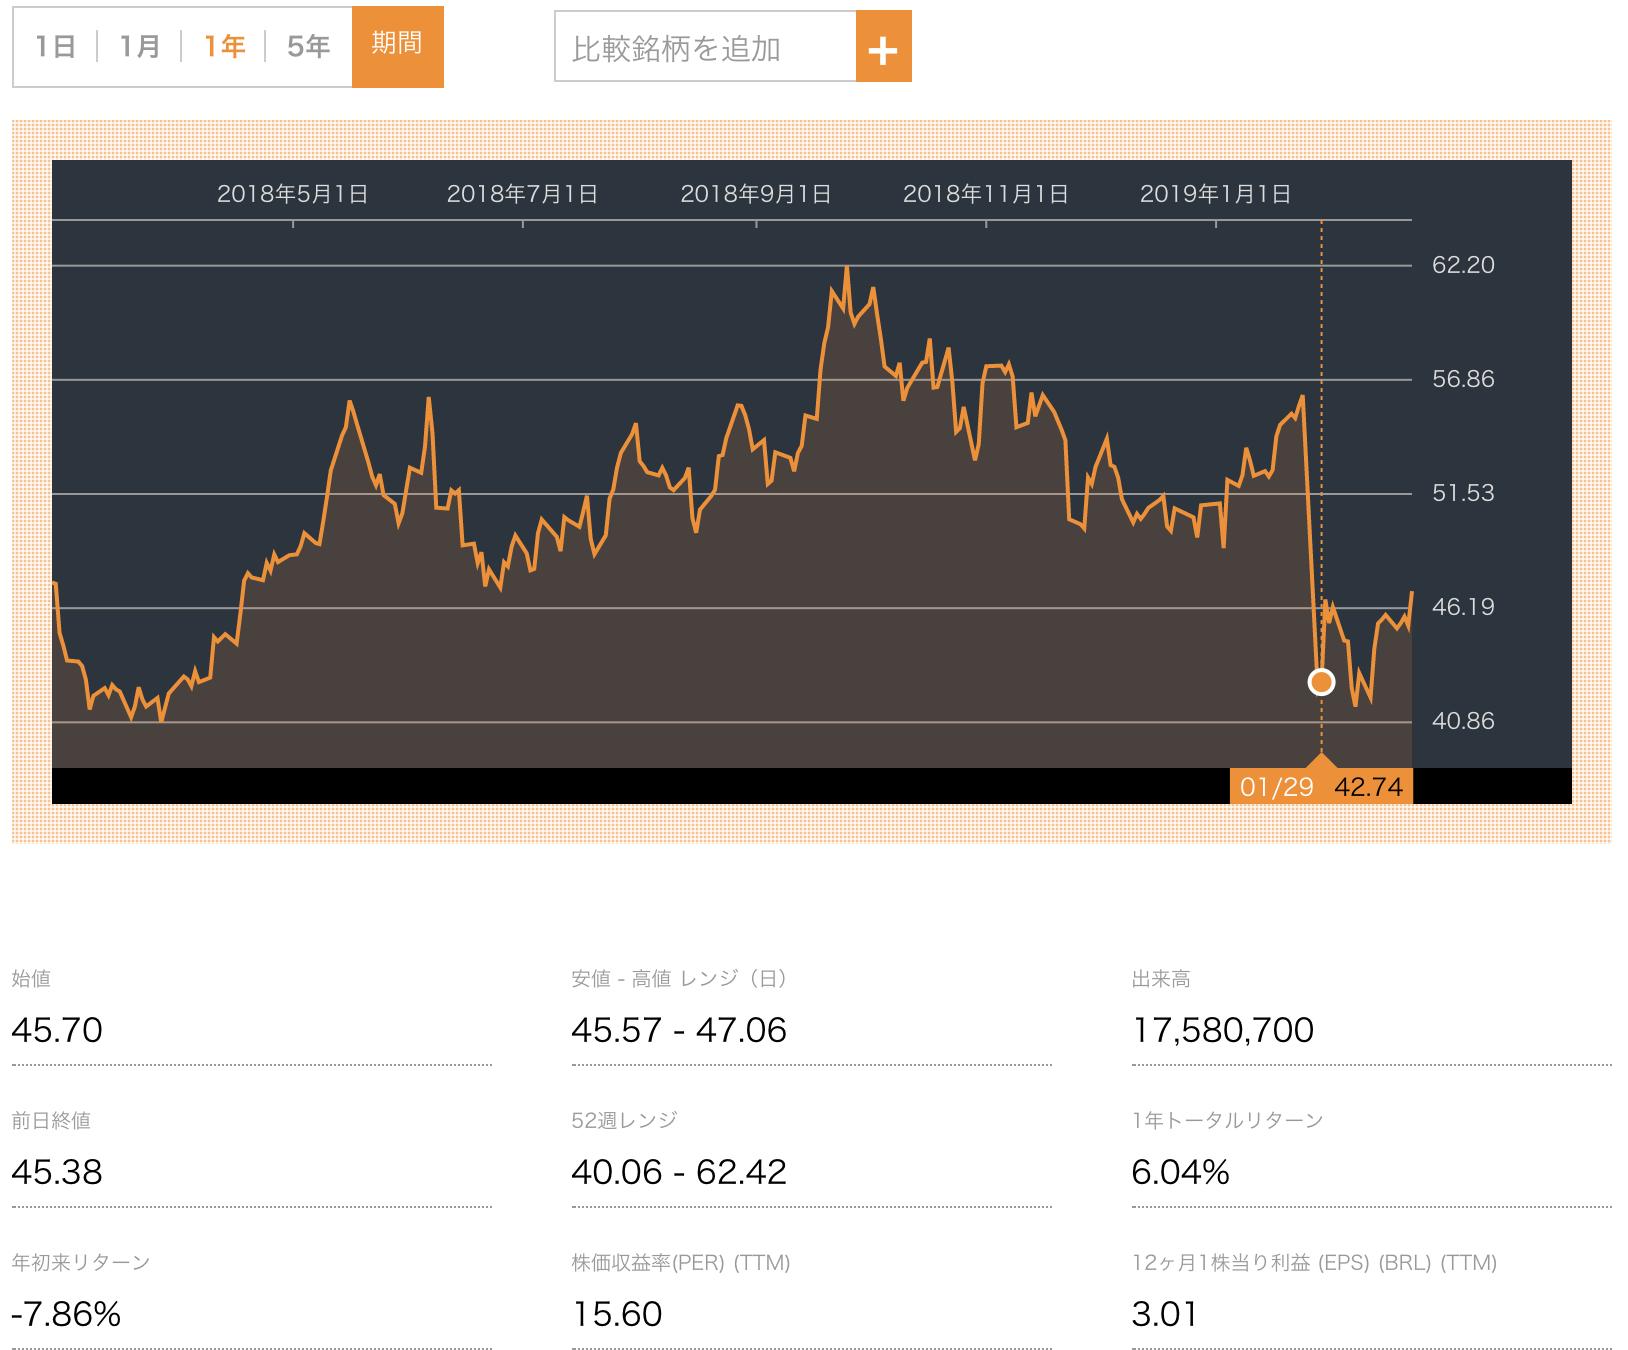 Vale株価